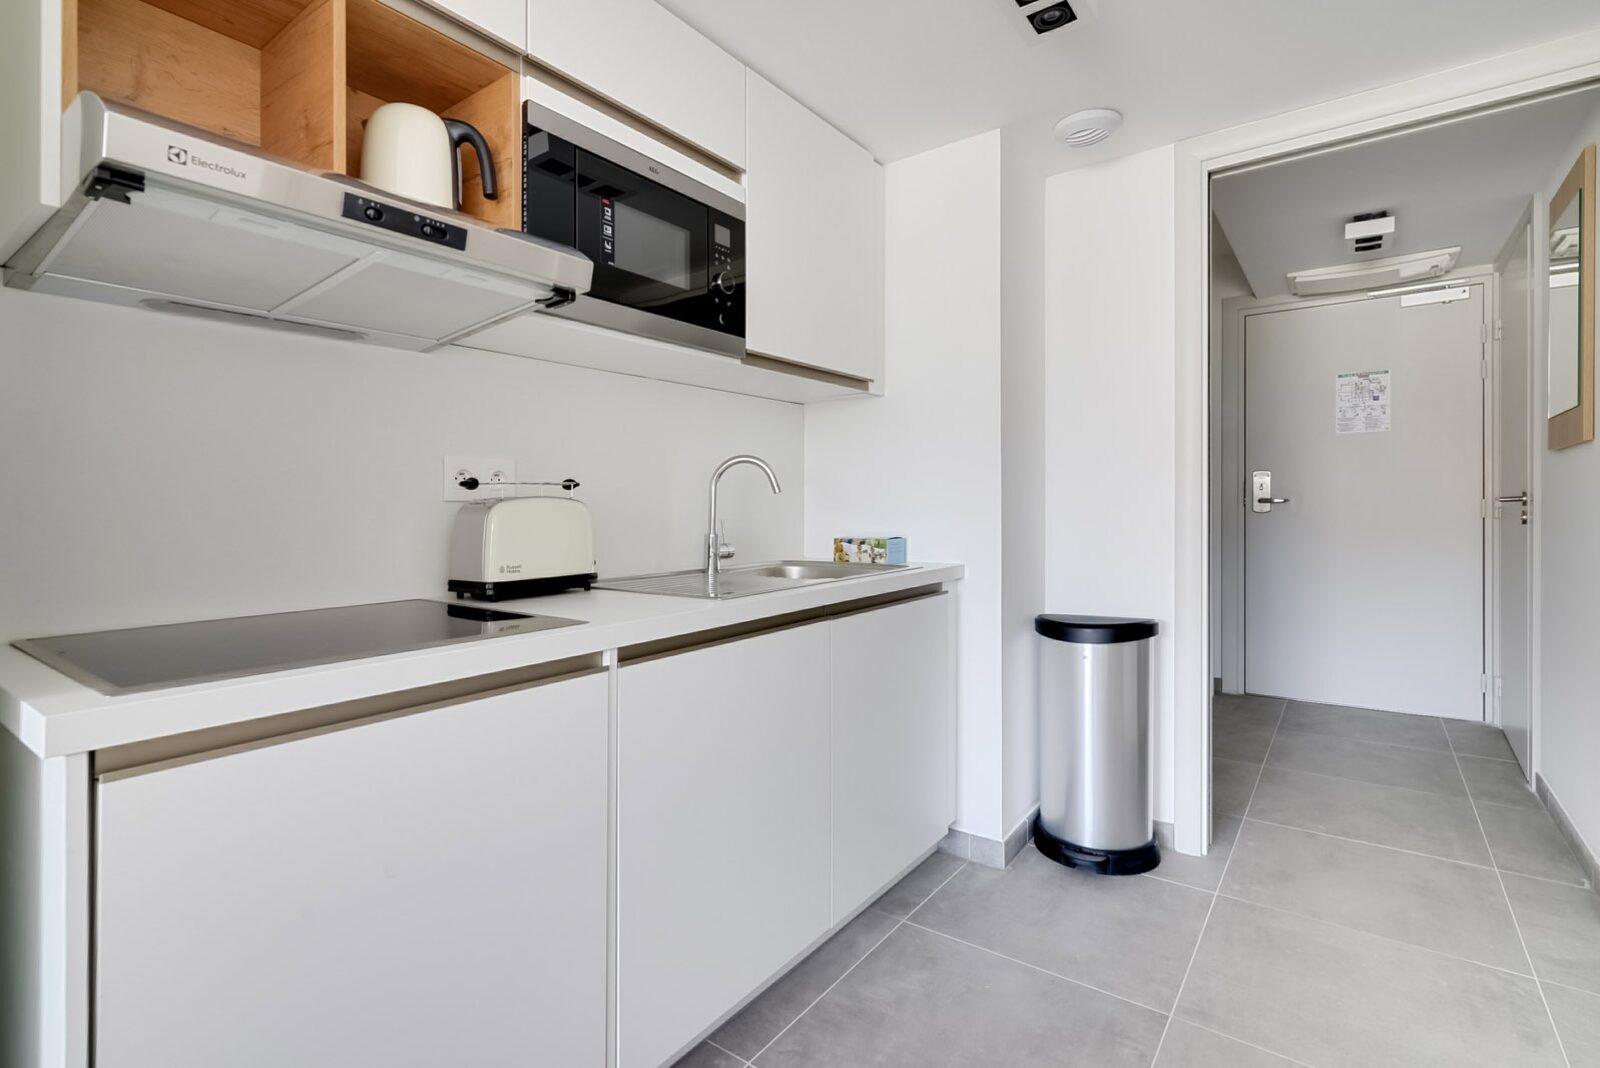 Nouveau penthouse famille pour 6 personnes avec 2 lits superposés